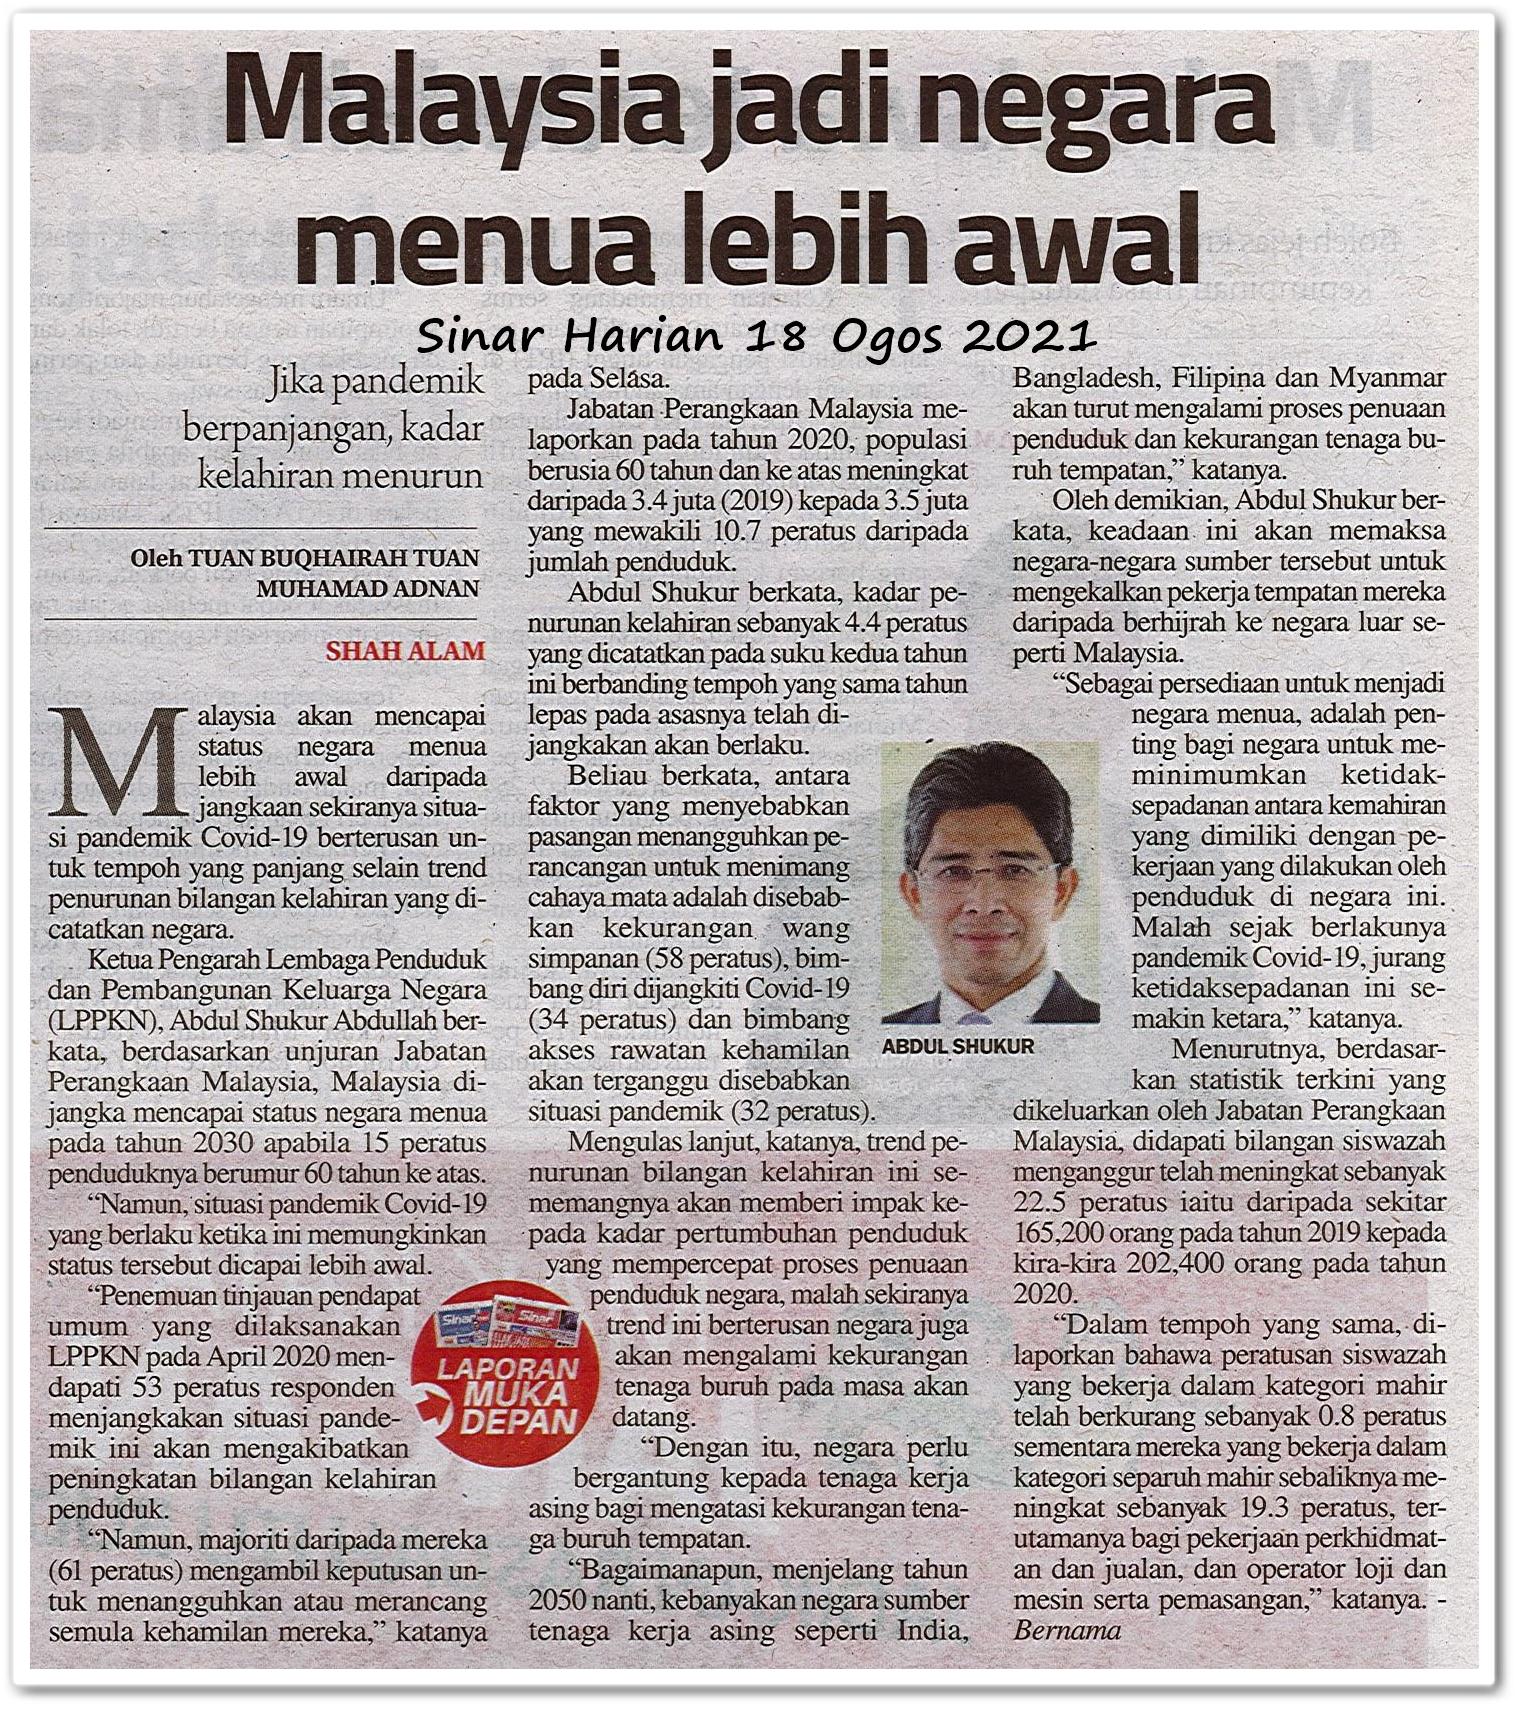 Malaysia jadi negara menua lebih awal - Keratan akhbar Sinar Harian 18 Ogos 2021